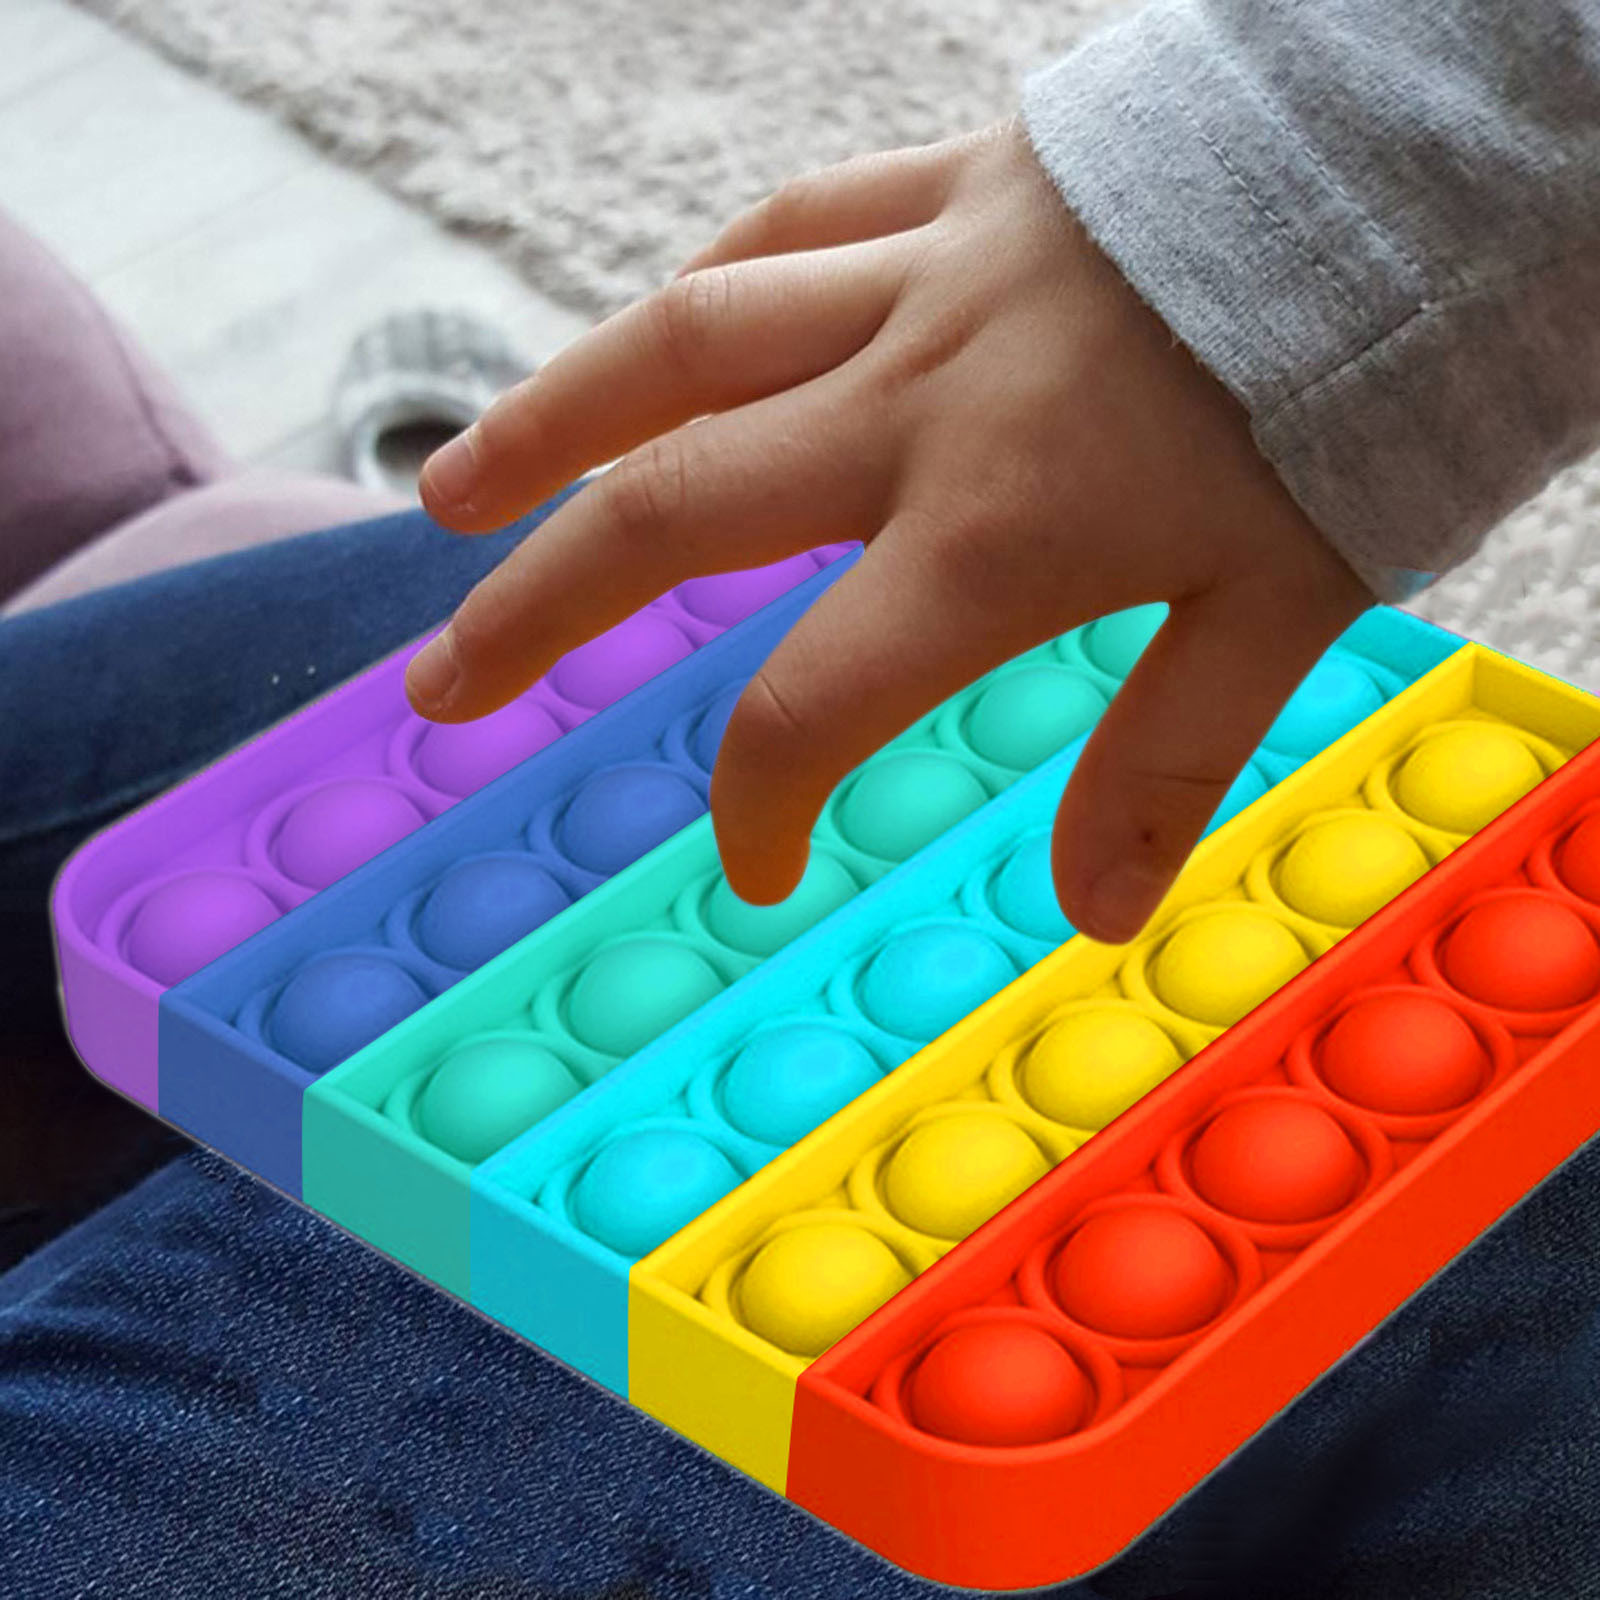 Толкать ее Fitget игрушки для взрослых детей пуш-ап пузырь Непоседа сенсорные игрушка для аутистов особые потребности для снятия стресса поп ...